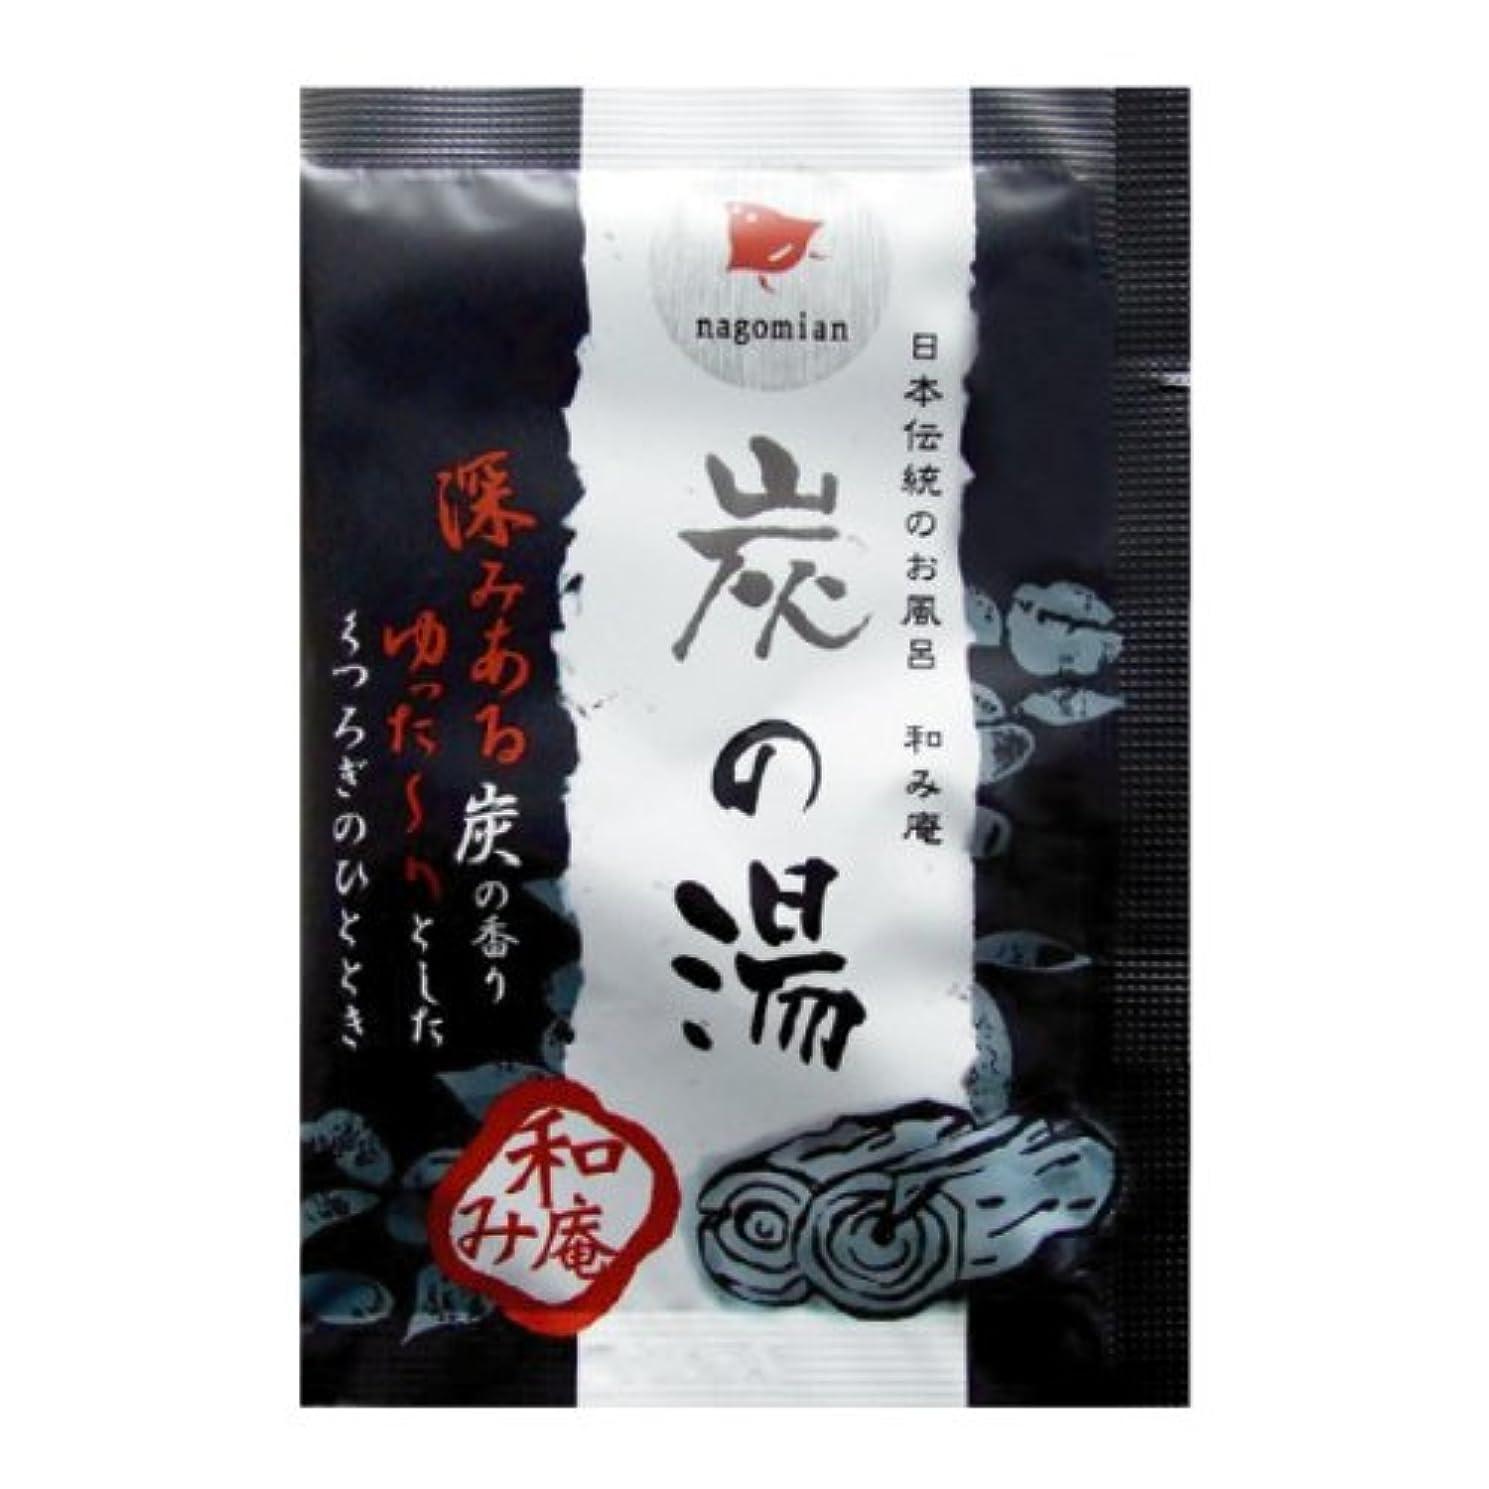 続ける代数オーガニック日本伝統のお風呂 和み庵 炭の湯 200包